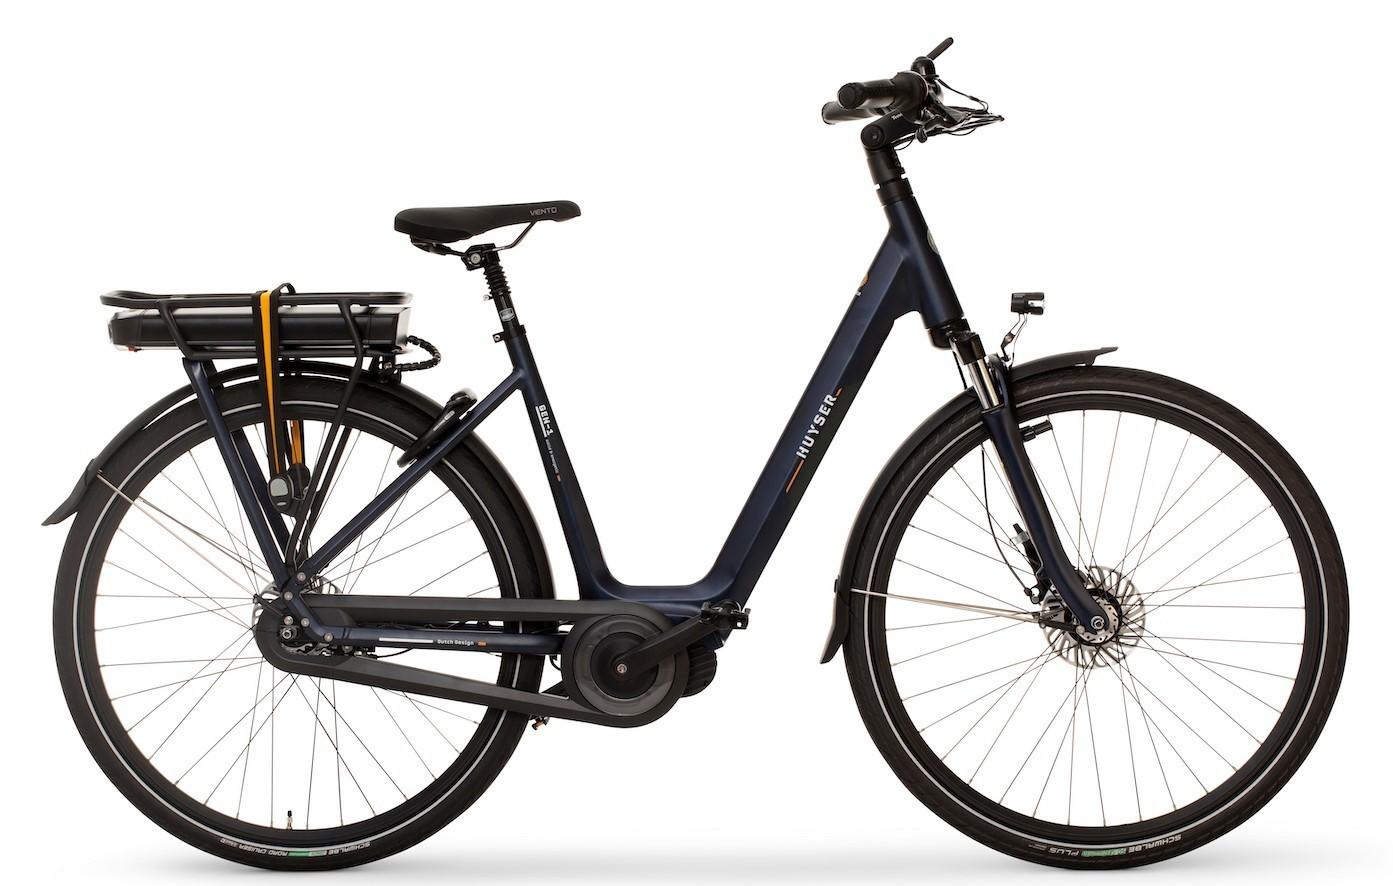 Huyser Gen 1 elektrische fiets 7V met middenmotor